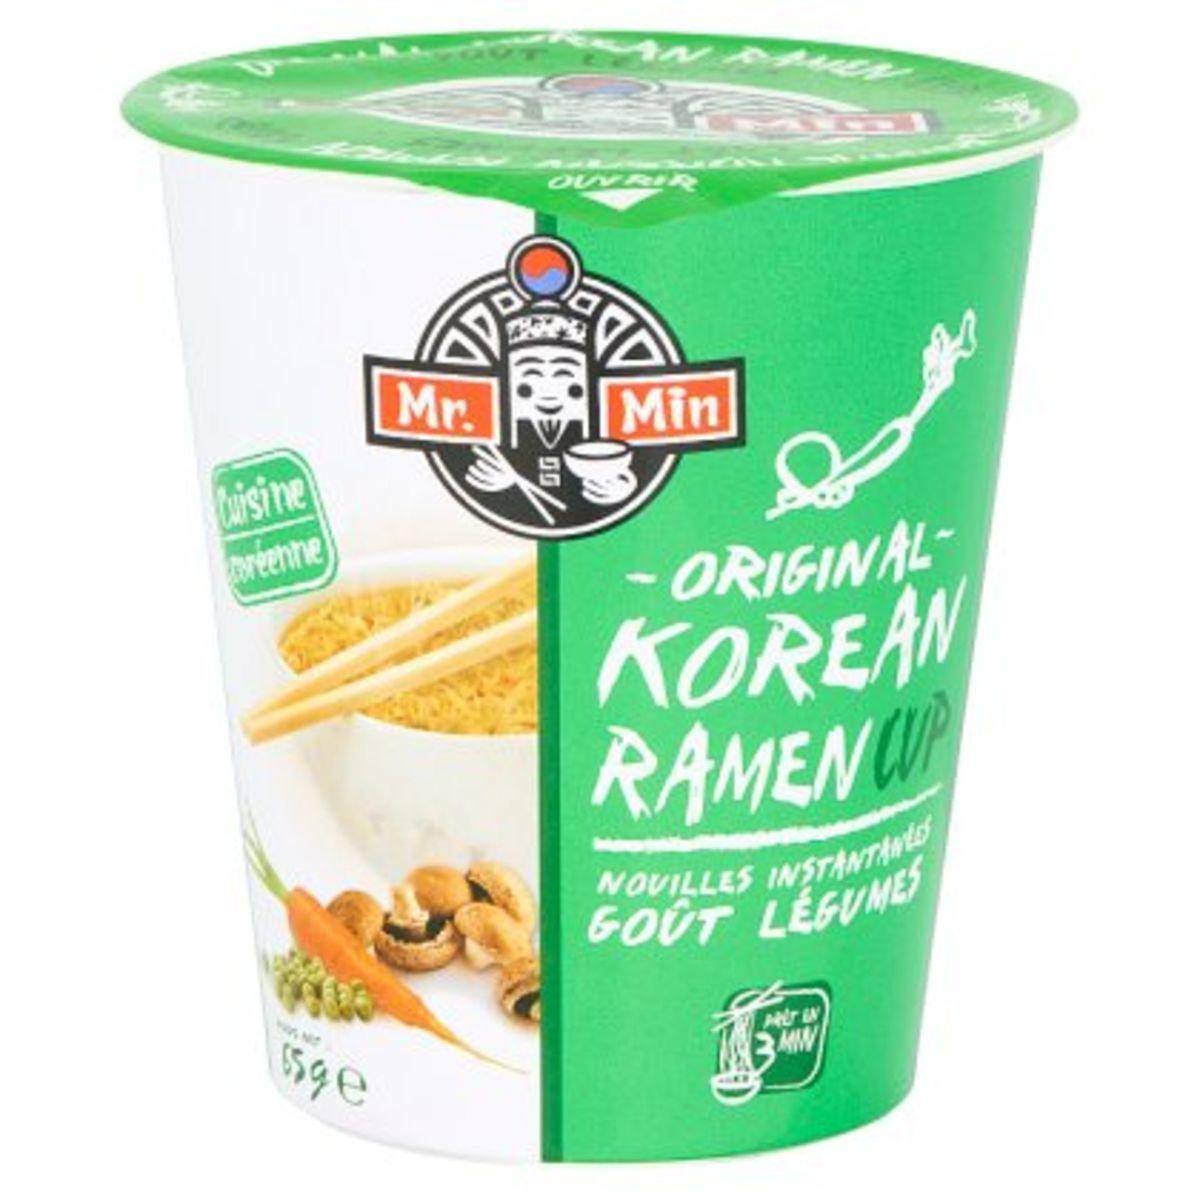 Mr. Min Original Korean Ramen Cup Noodles Instant Groenten 65 g